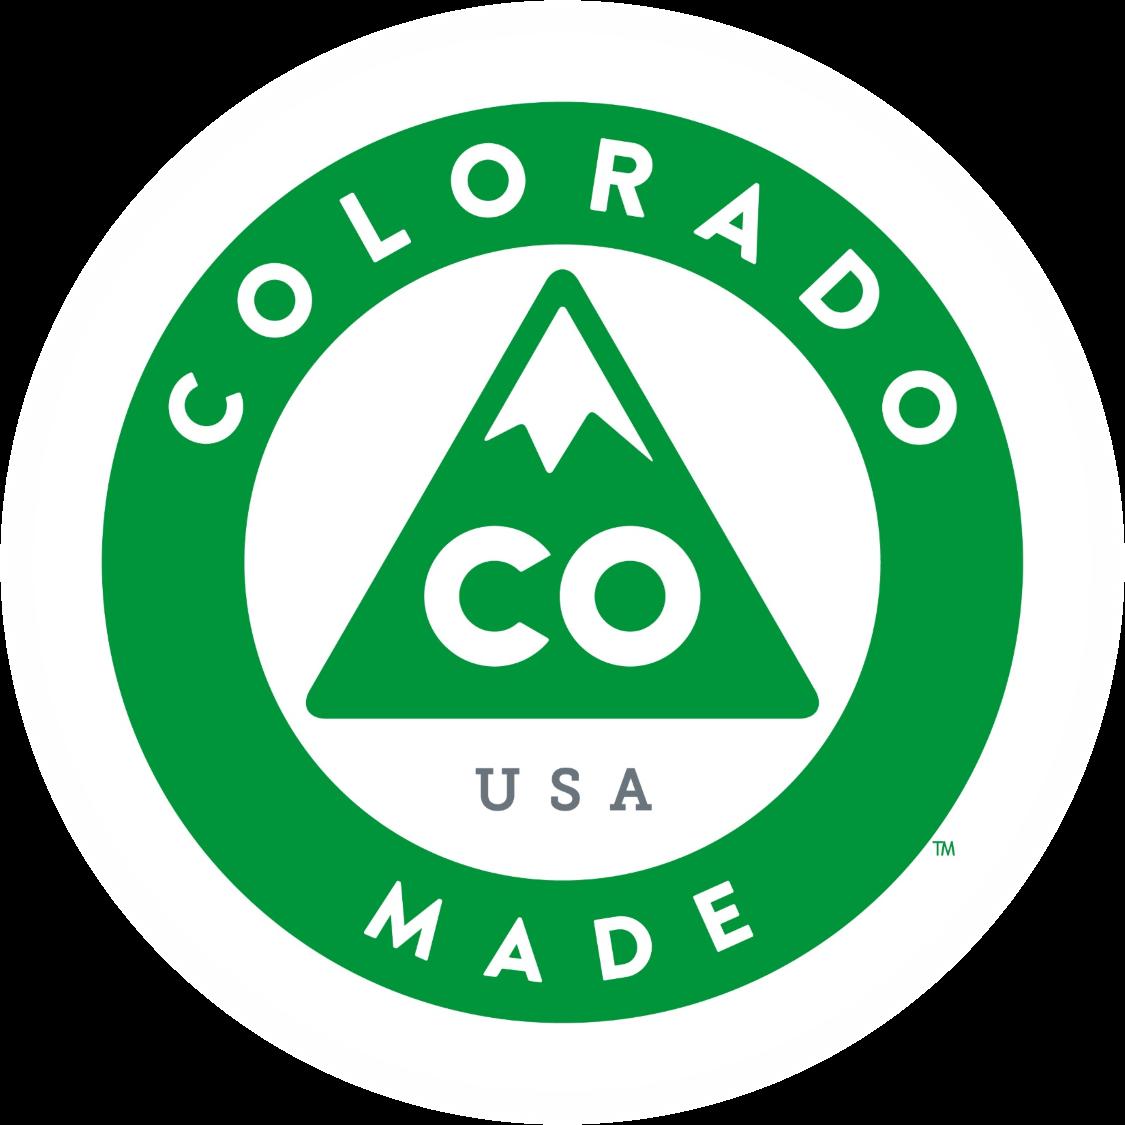 colorado made logo cedur is made in colorado.png